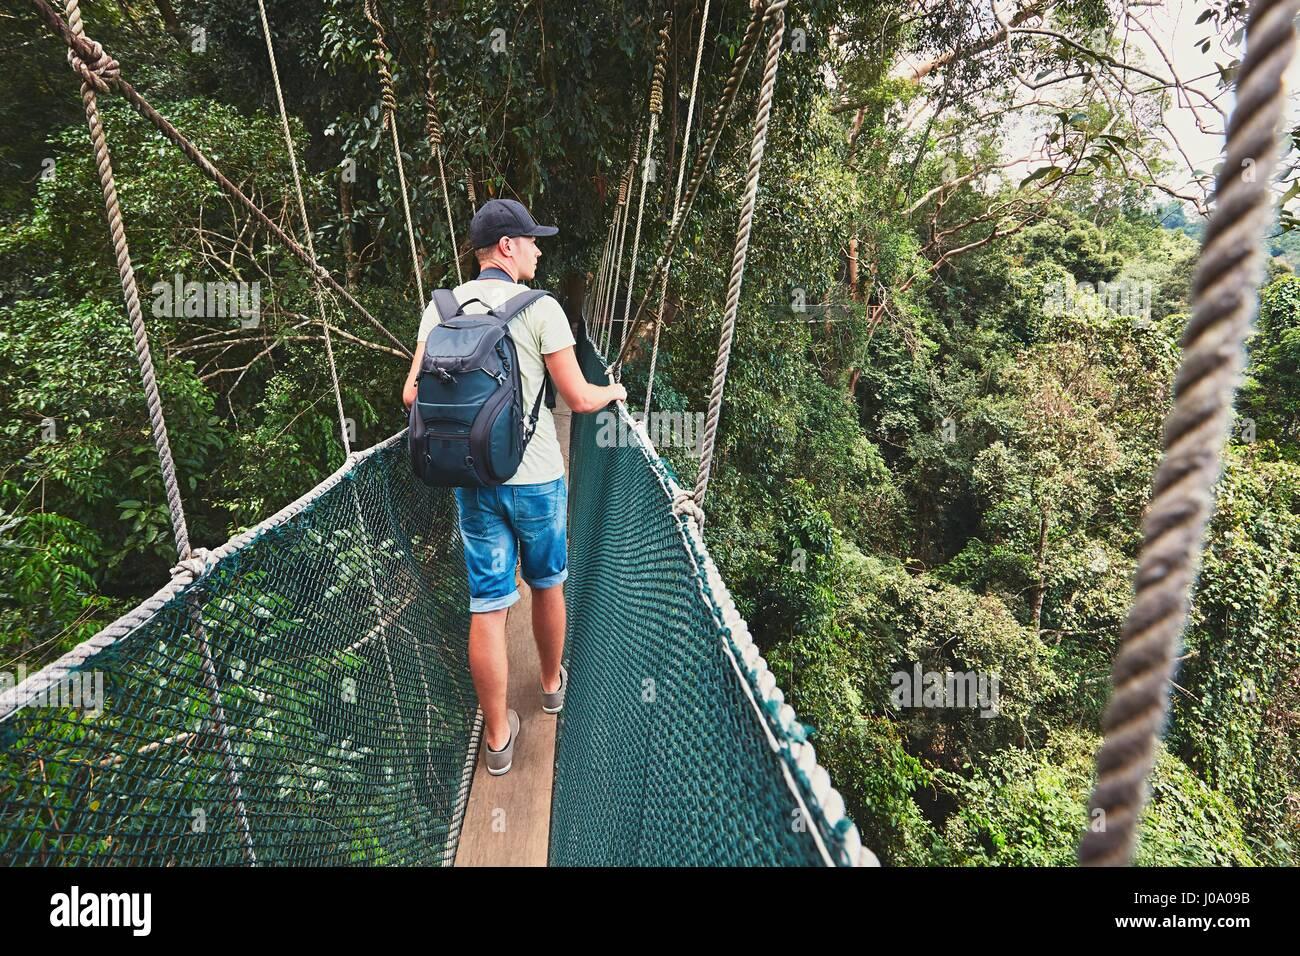 Tourist sulla passerella elevata attraverso le cime degli alberi nella foresta pluviale - Borneo, Malaysia Immagini Stock